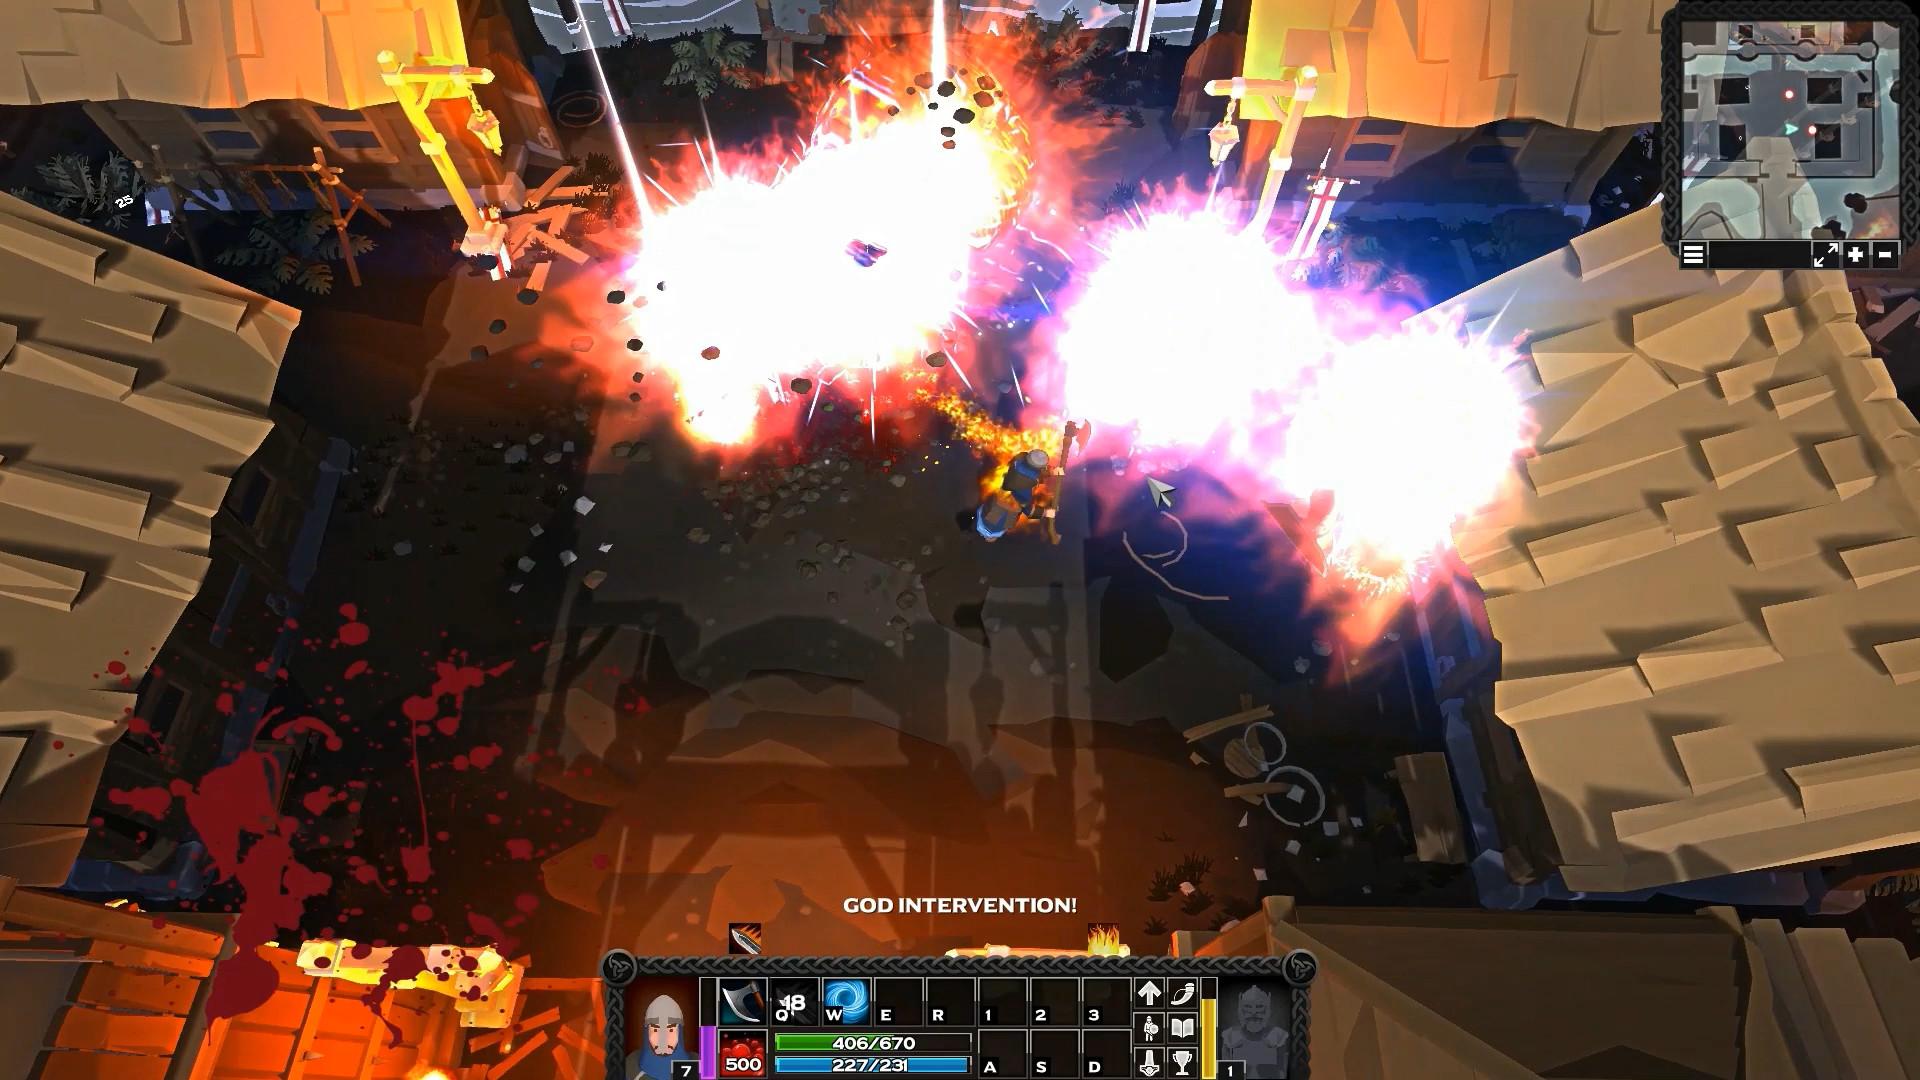 viking-vengeance-pc-screenshot-2